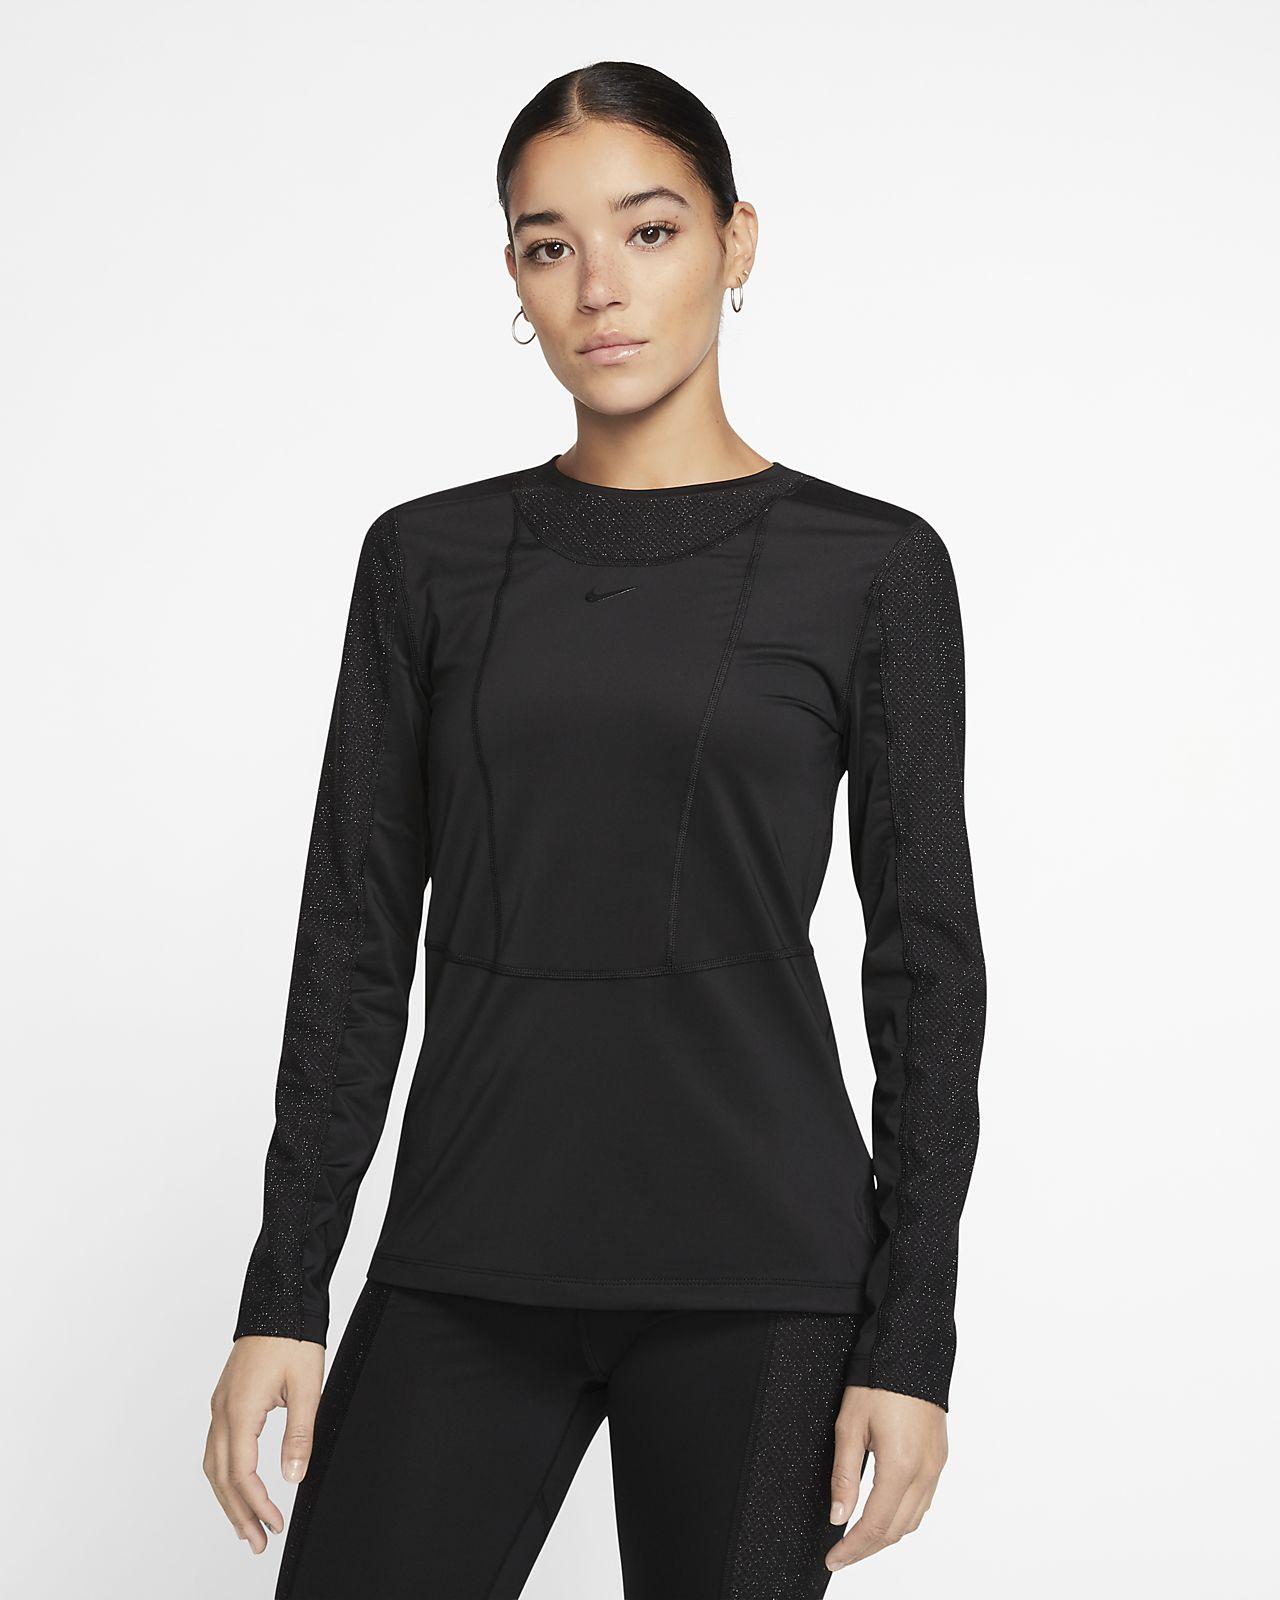 Nike Pro Warm langermet overdel til dame